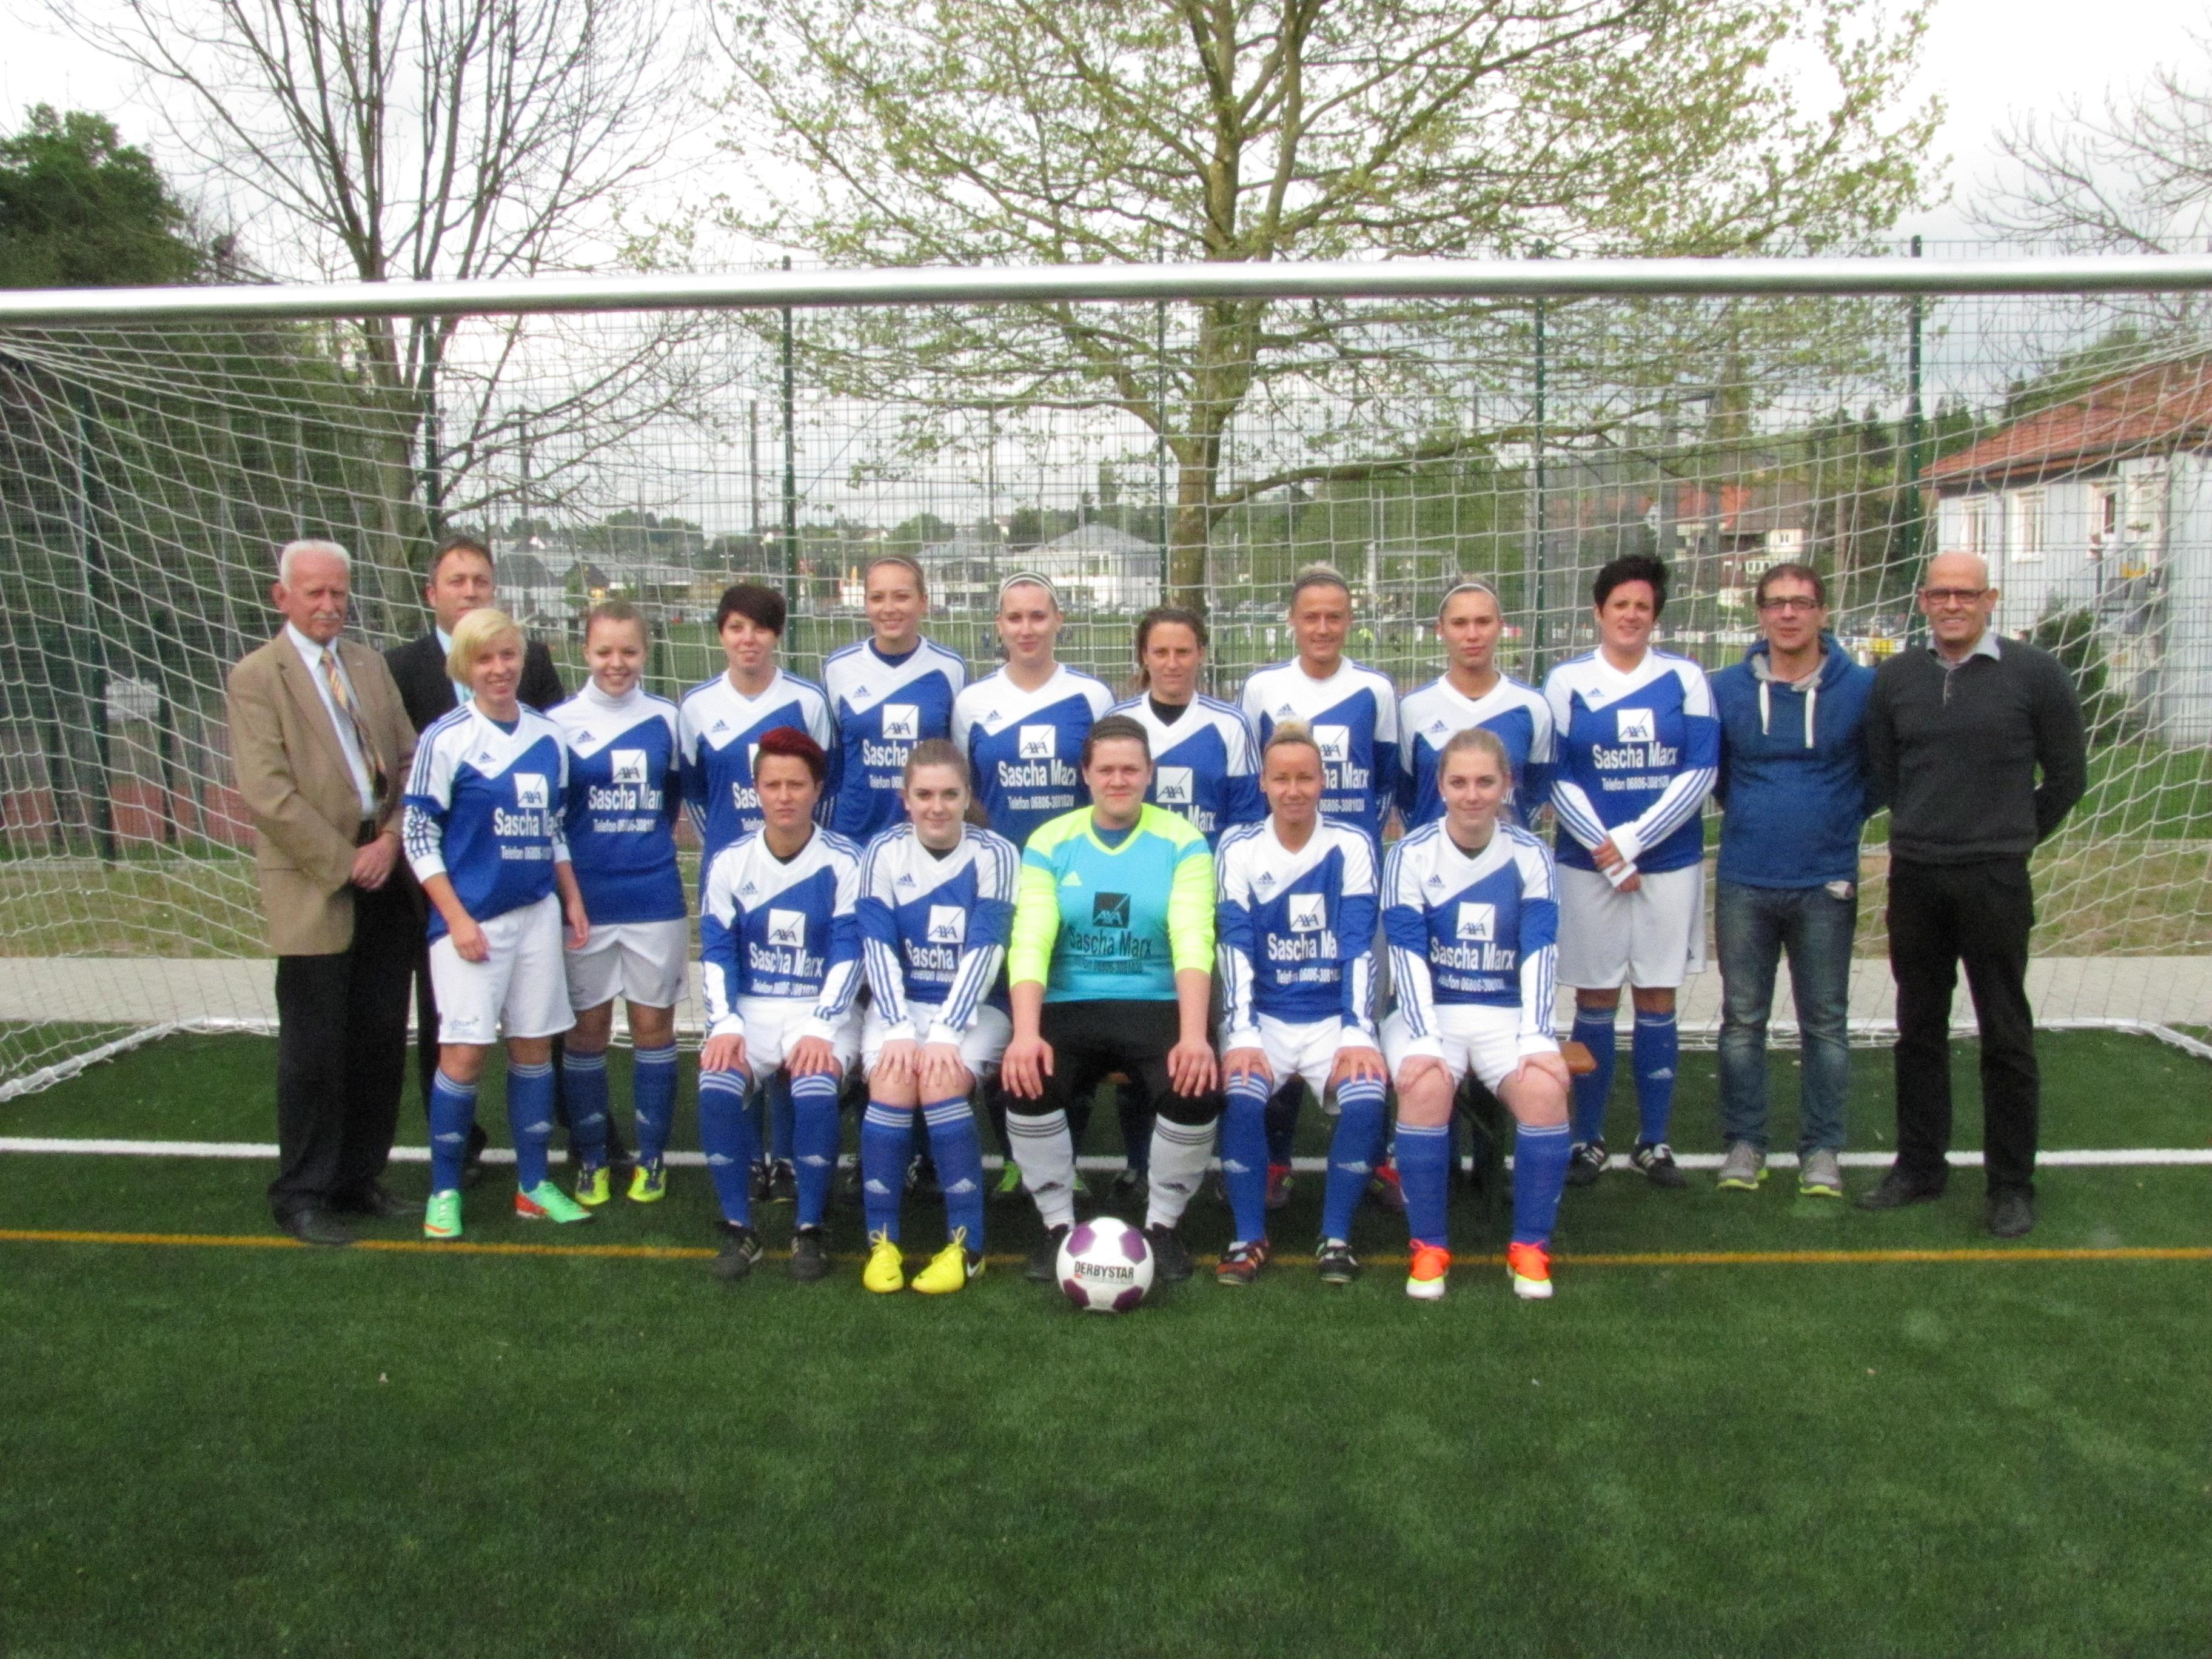 Mannschaftsfoto/Teamfoto von 1. FC Riegelsberg